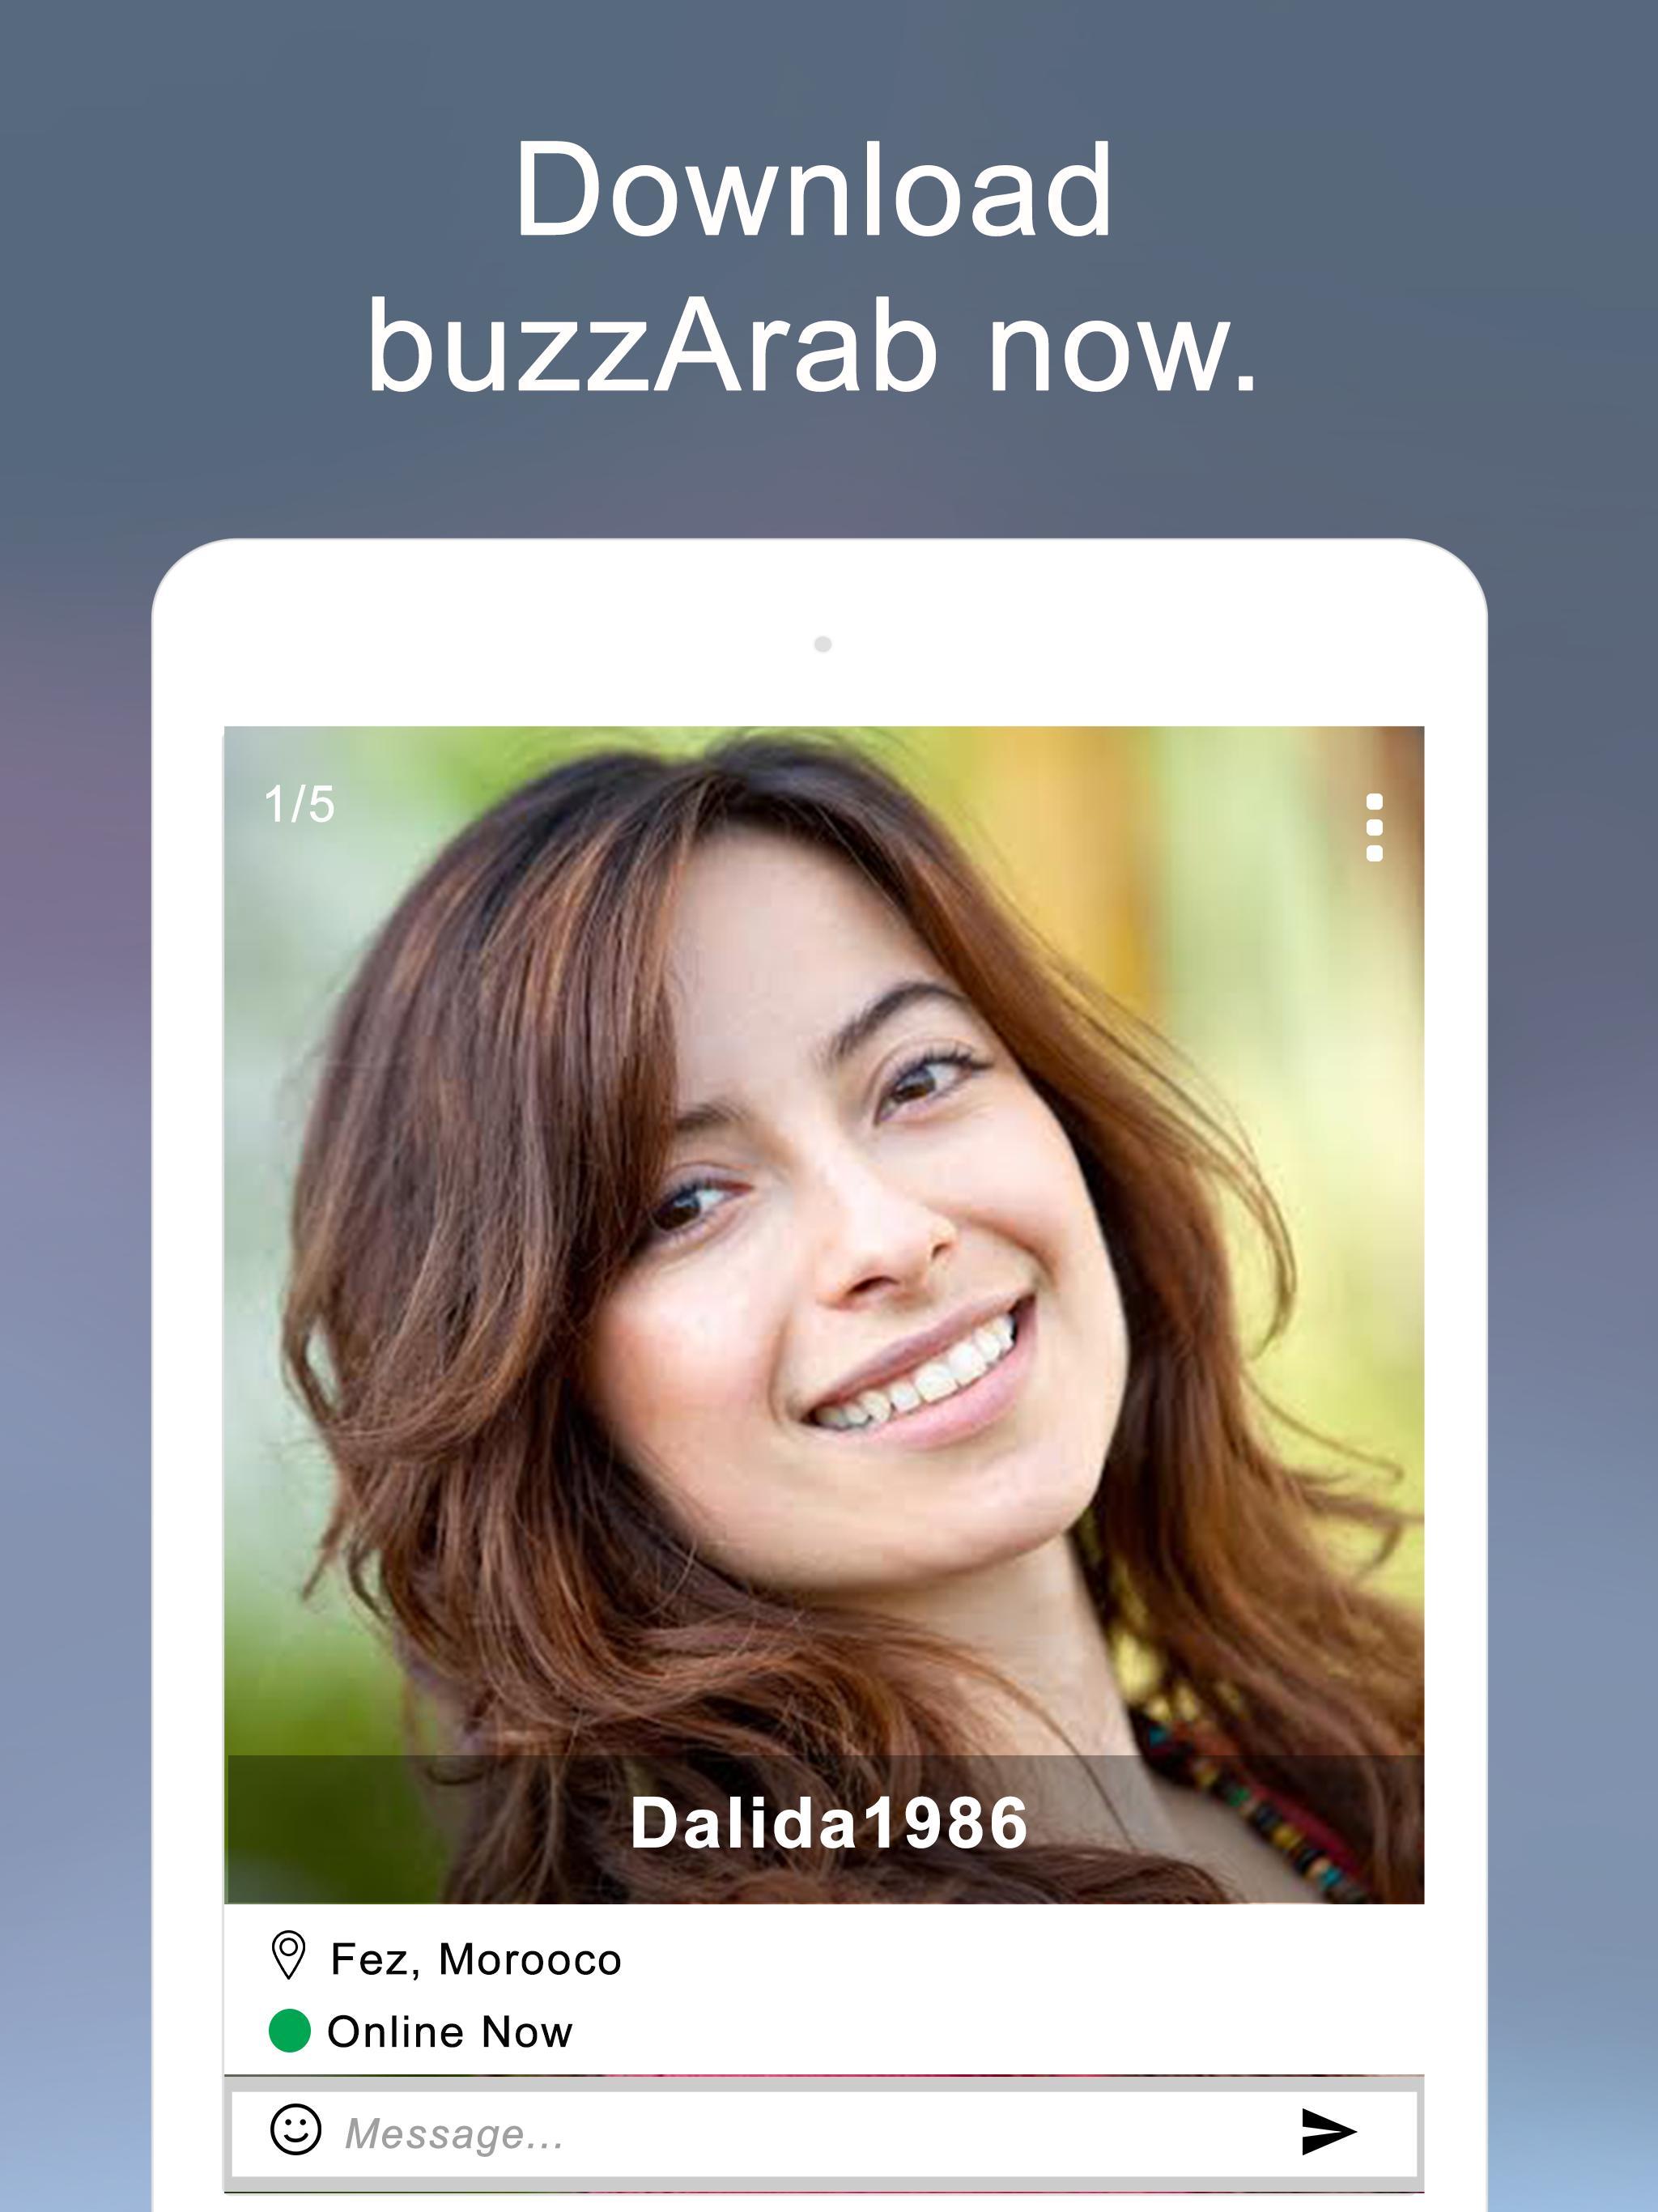 Dating Buzze Arab.